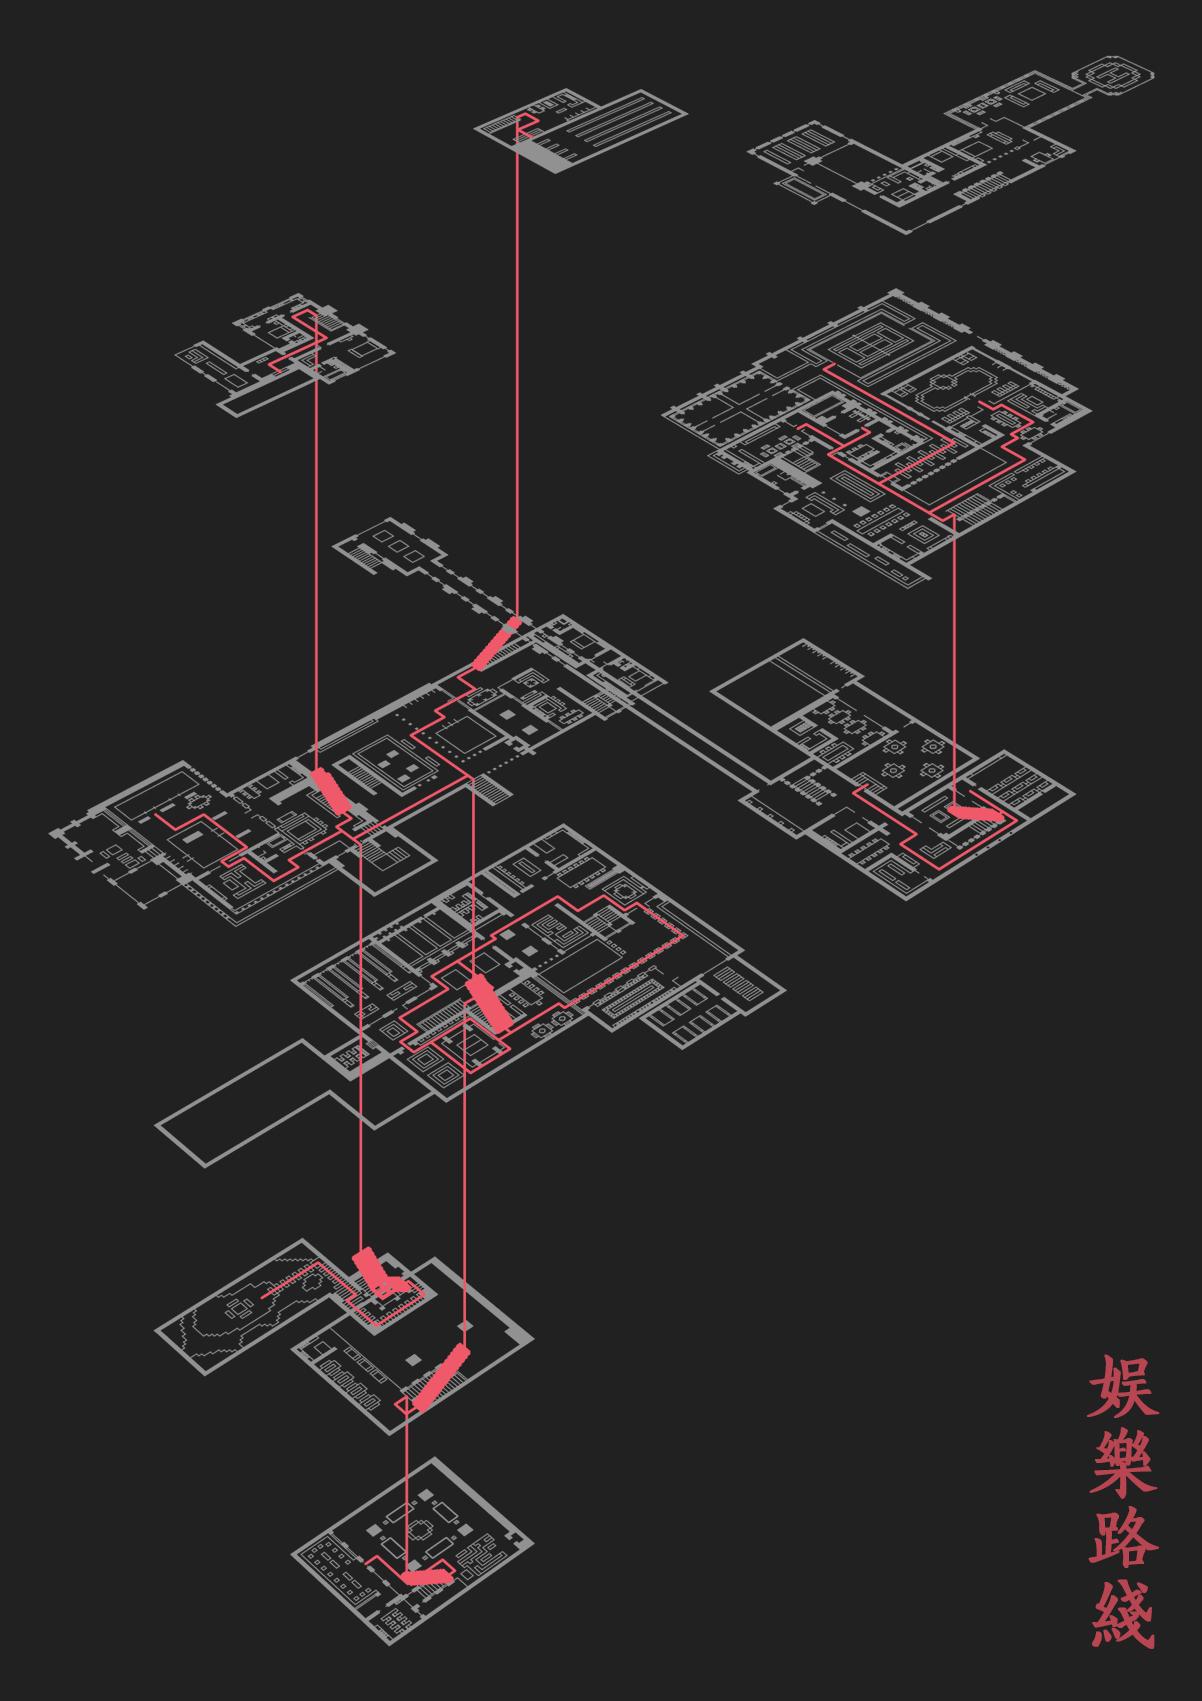 【我的别墅现代建筑群】海岛度假世界--源梦岛平别墅60设计图片